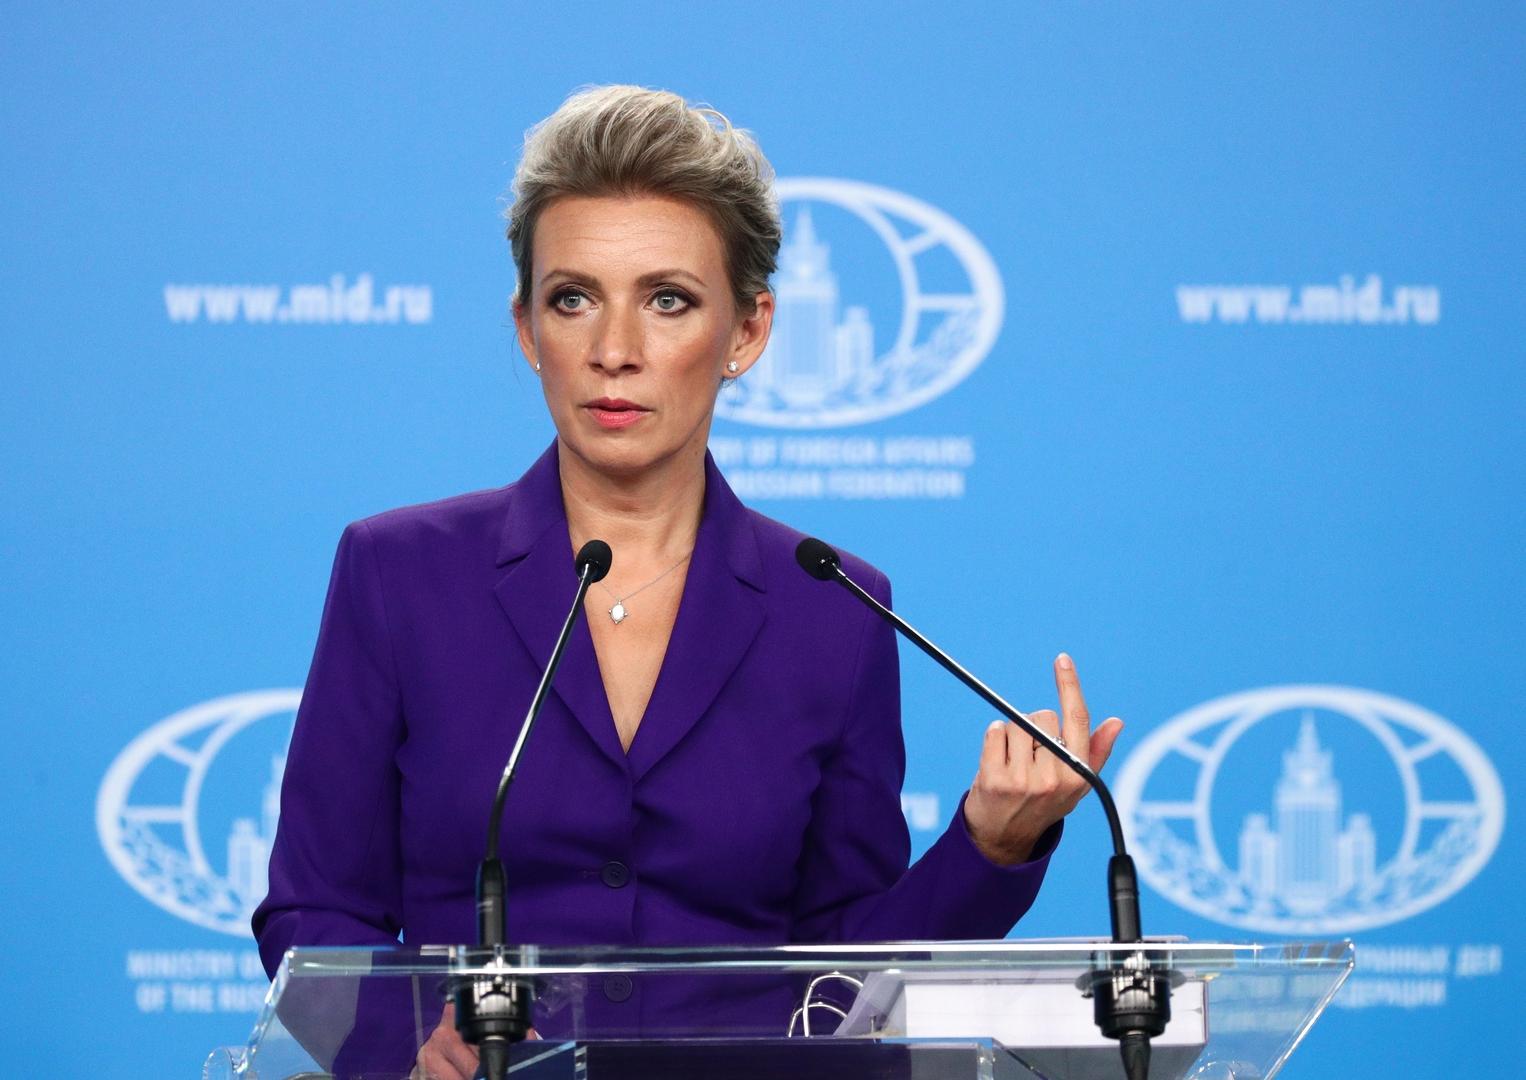 زاخاروفا: العقوبات البريطانية ضد روسيا غير شرعية